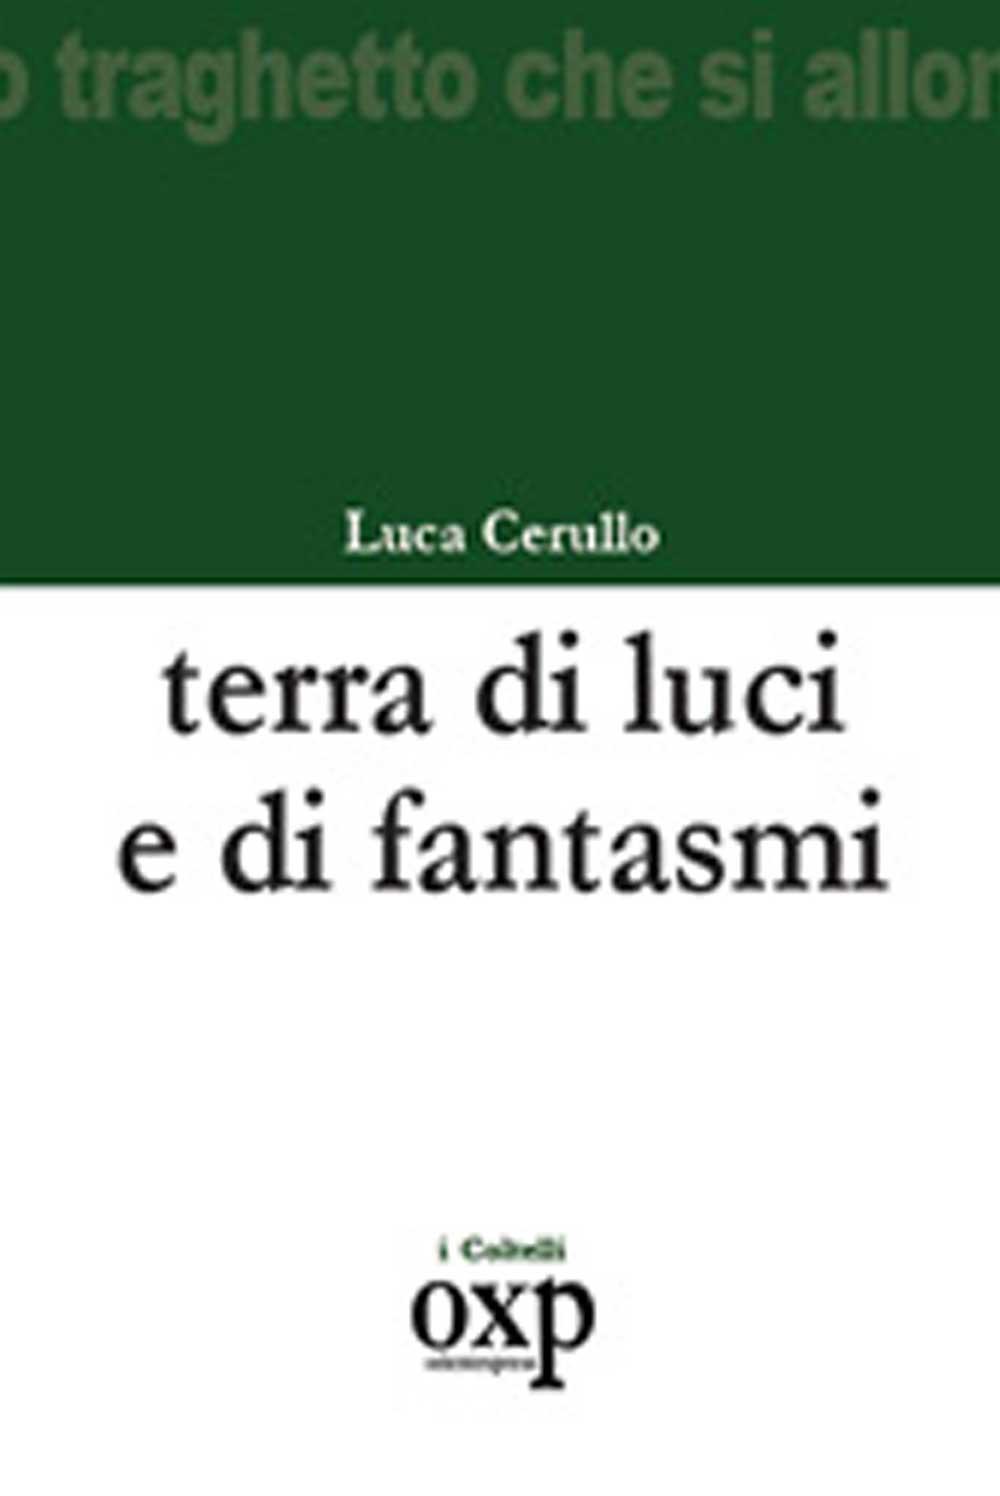 Terra di luce e di fantasmi, di LucaCerullo (I Coltelli, 2008)